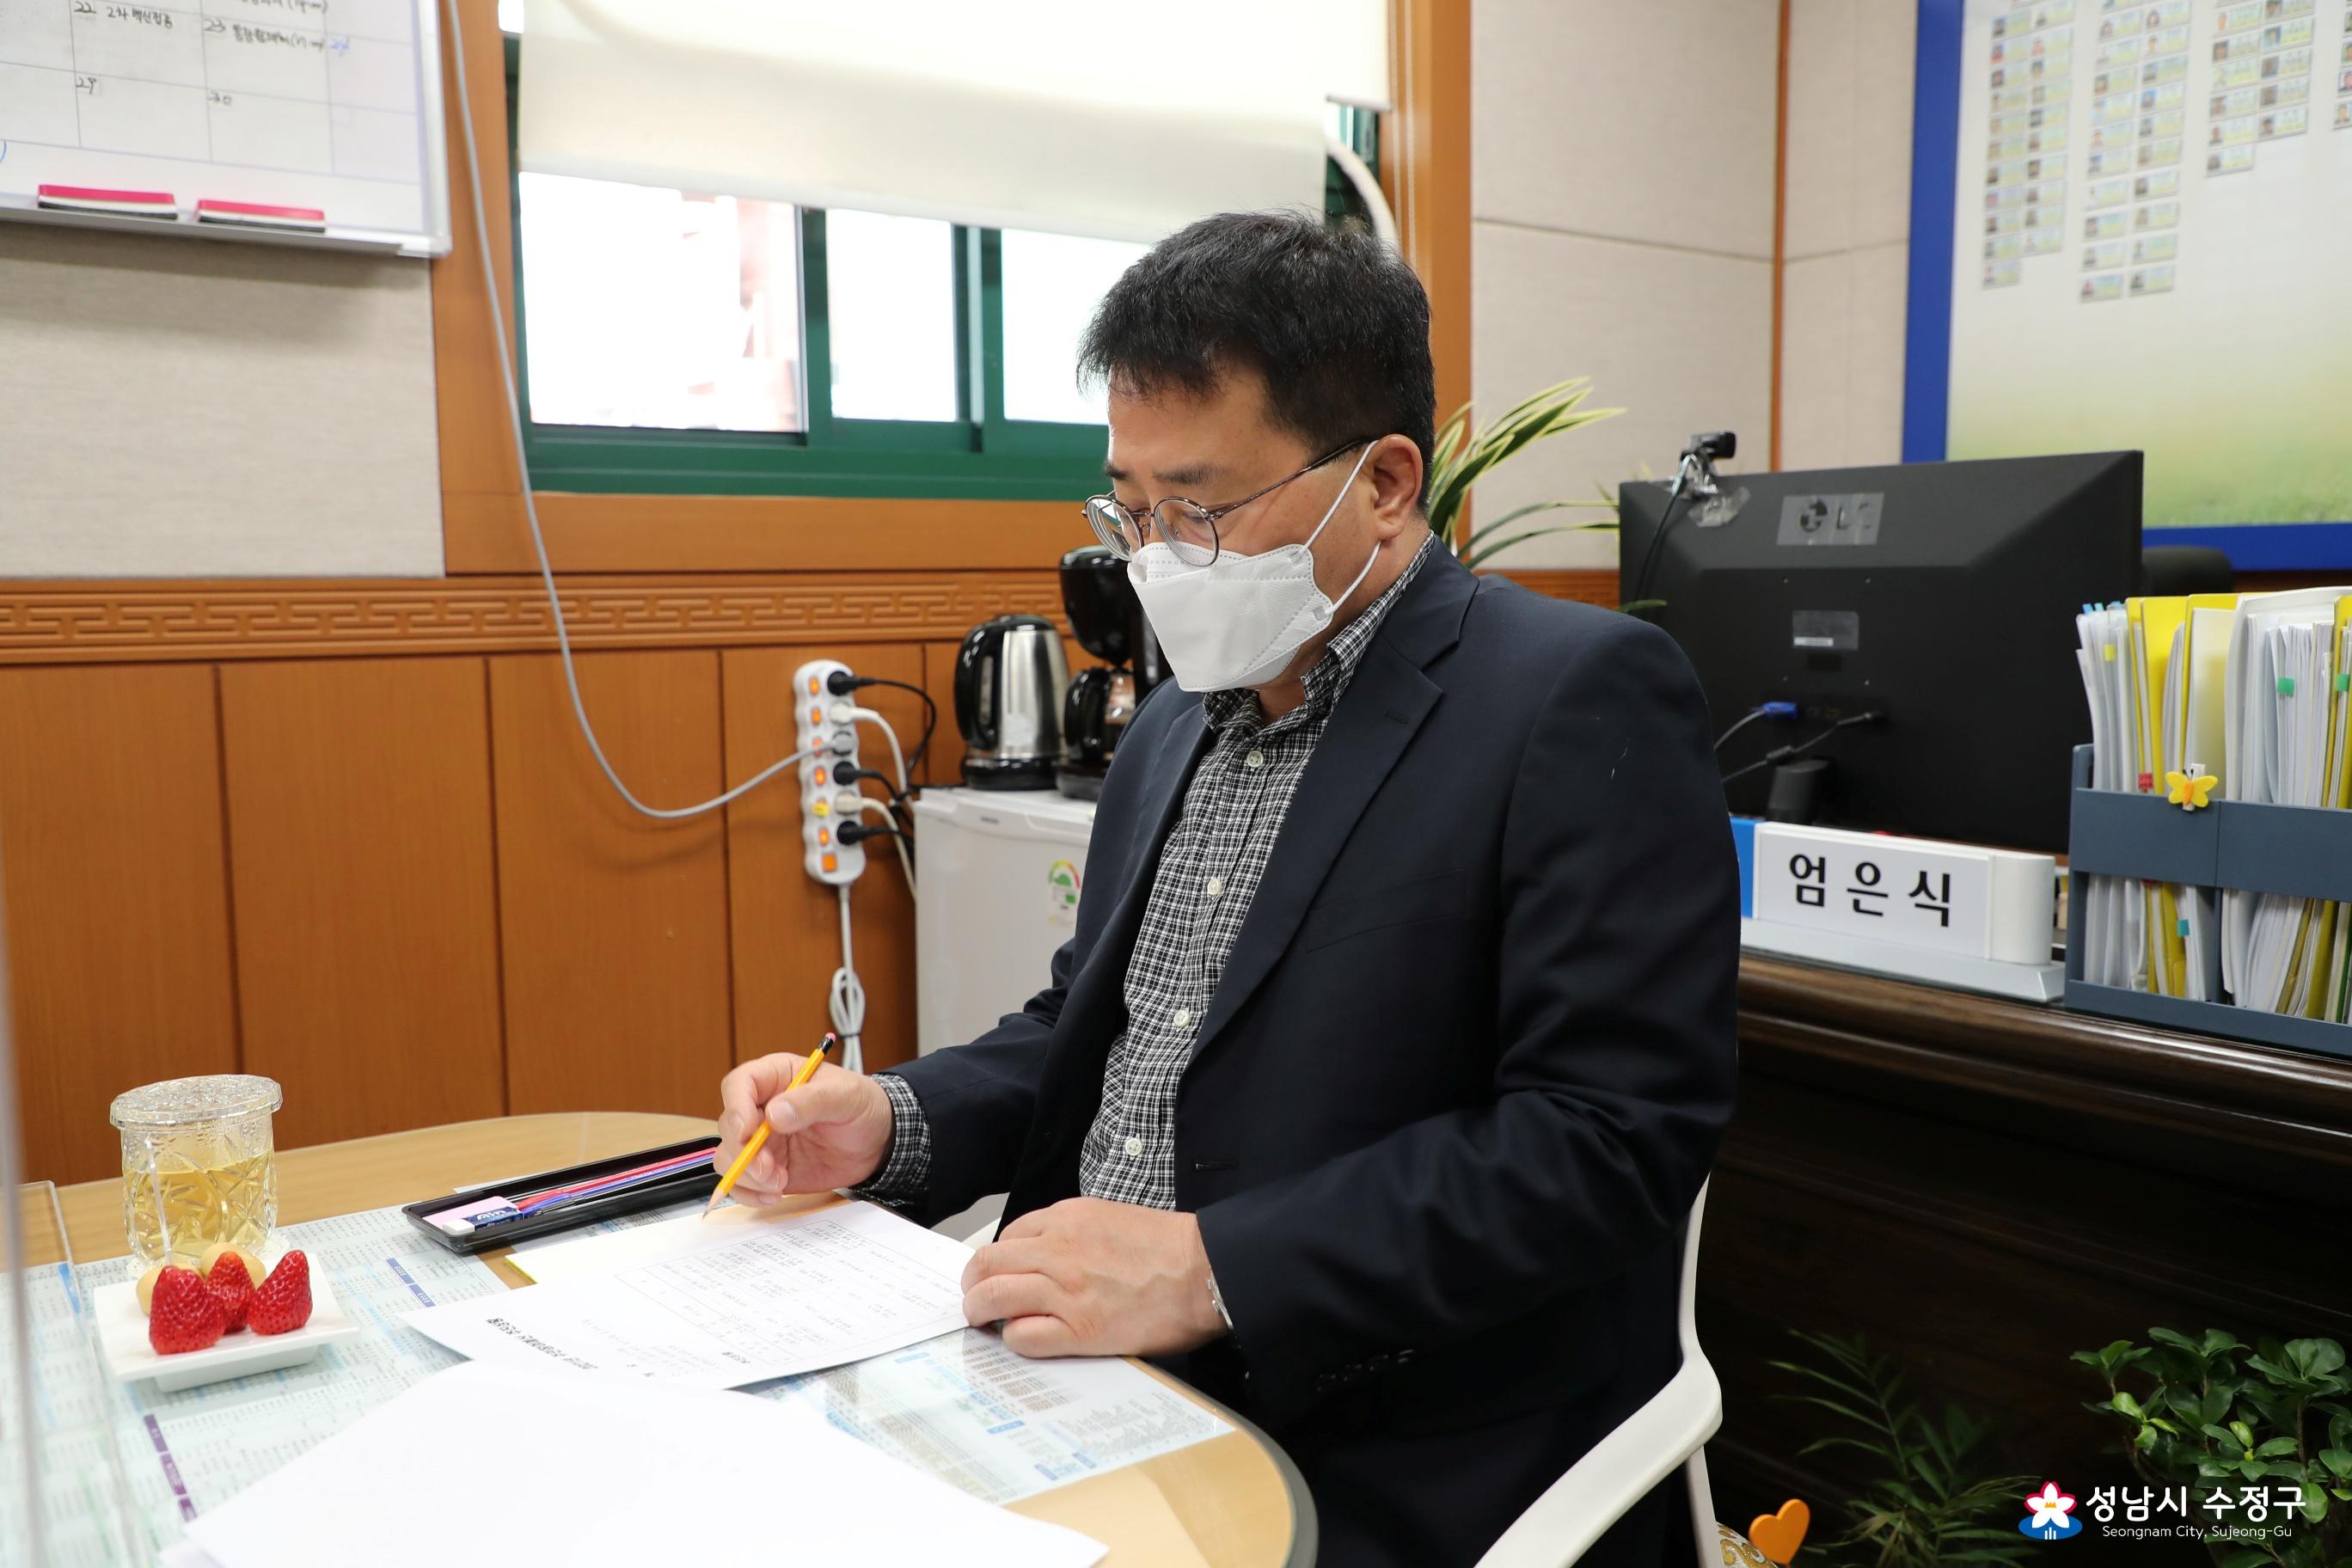 신흥1동 행정복지센터에서 업무 중입니다.